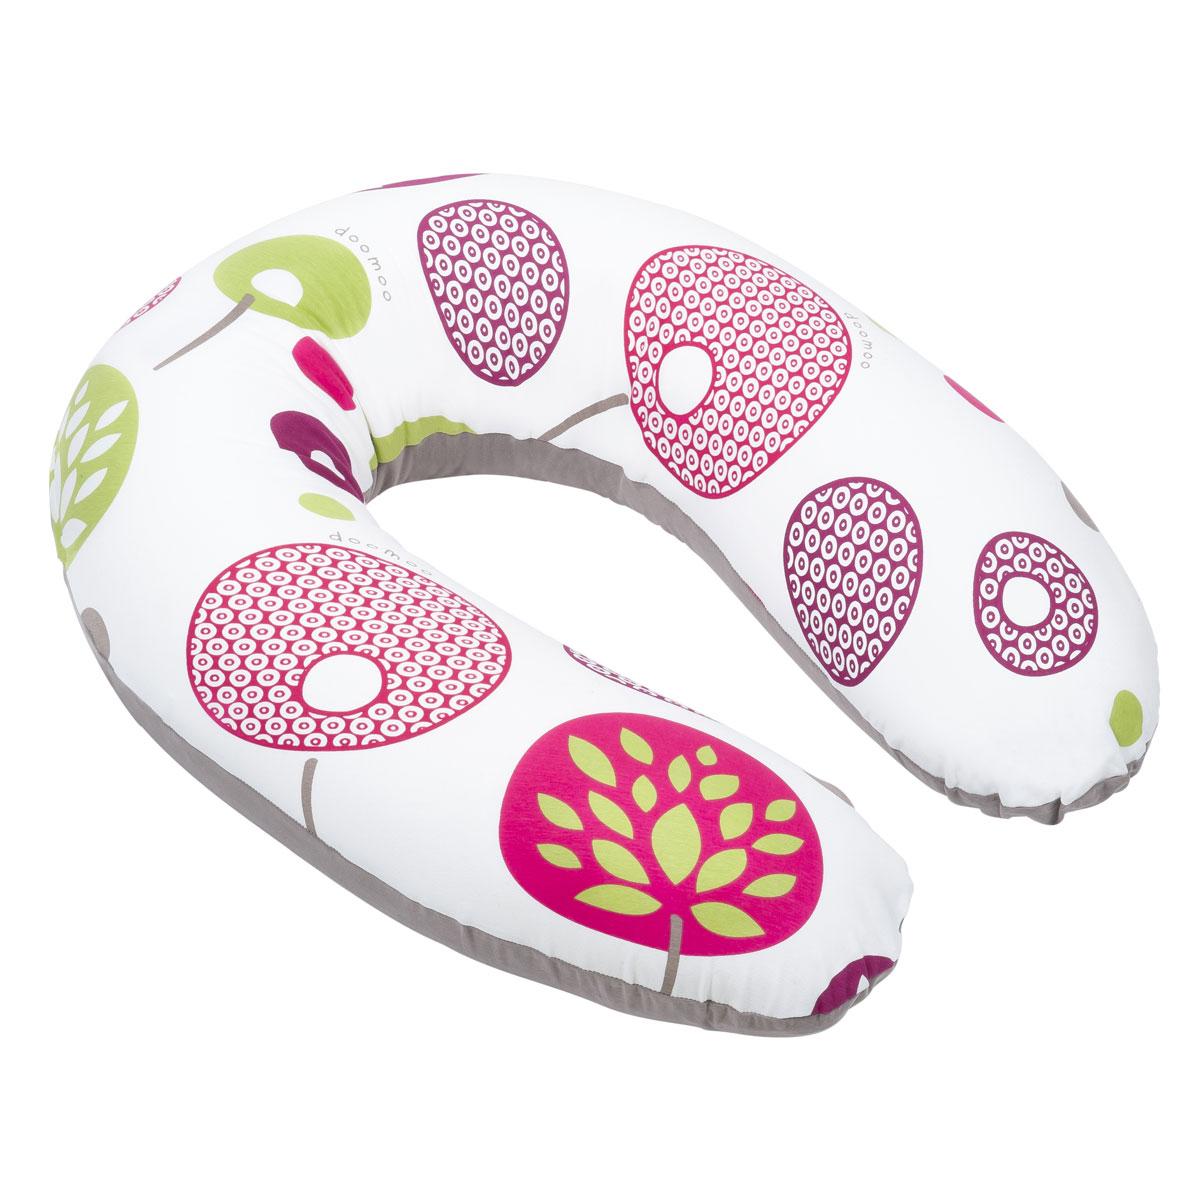 Coussin allaitement Coussin de Maternité Doomoo - Flower Prune Coussin de Maternité Doomoo - Flower Prune